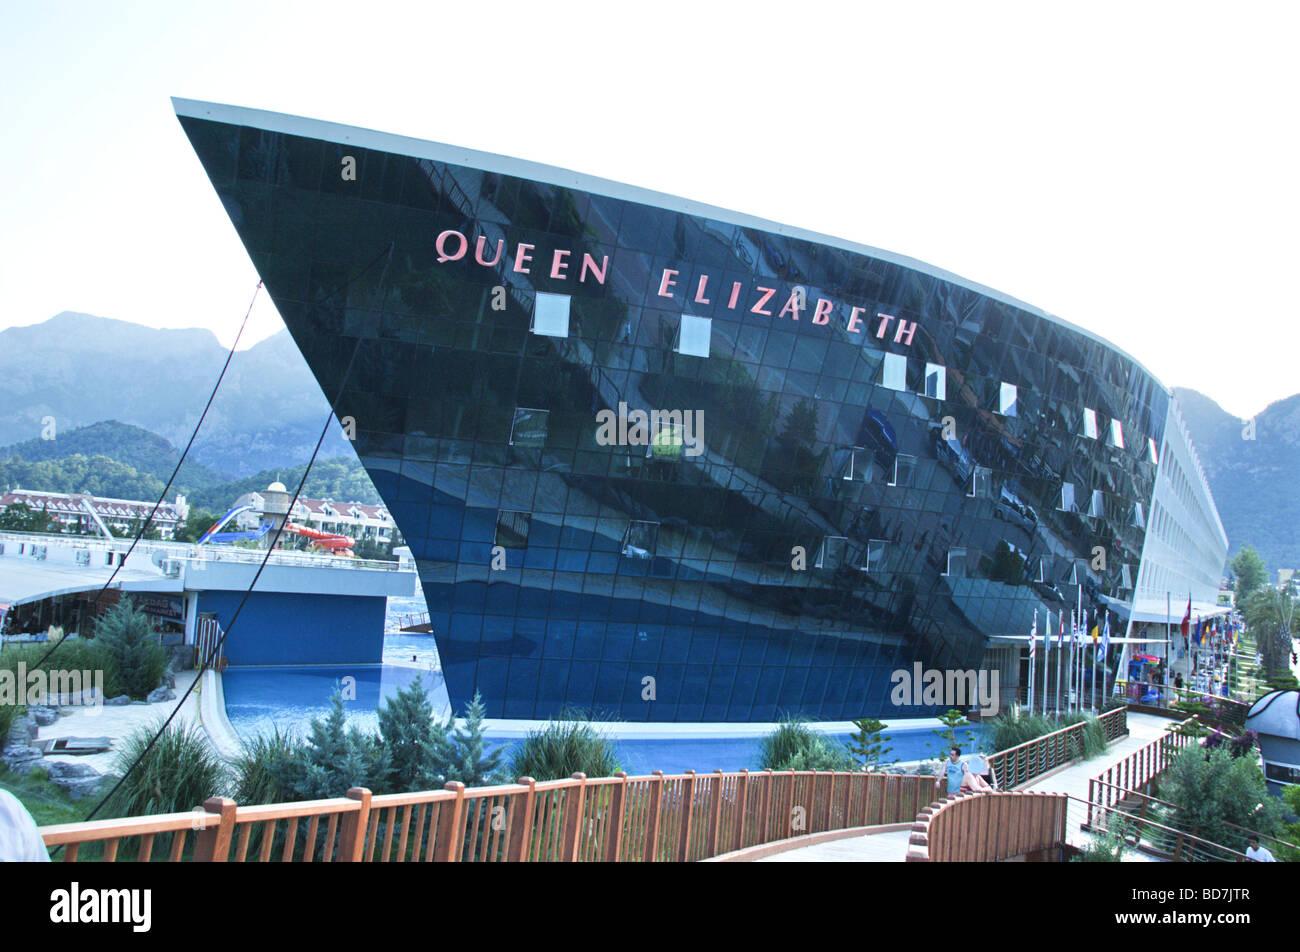 Turquía Antalya Kemer El Queen Elizabeth Elite Suite Spa Hotel en forma de un crucero de lujo Imagen De Stock